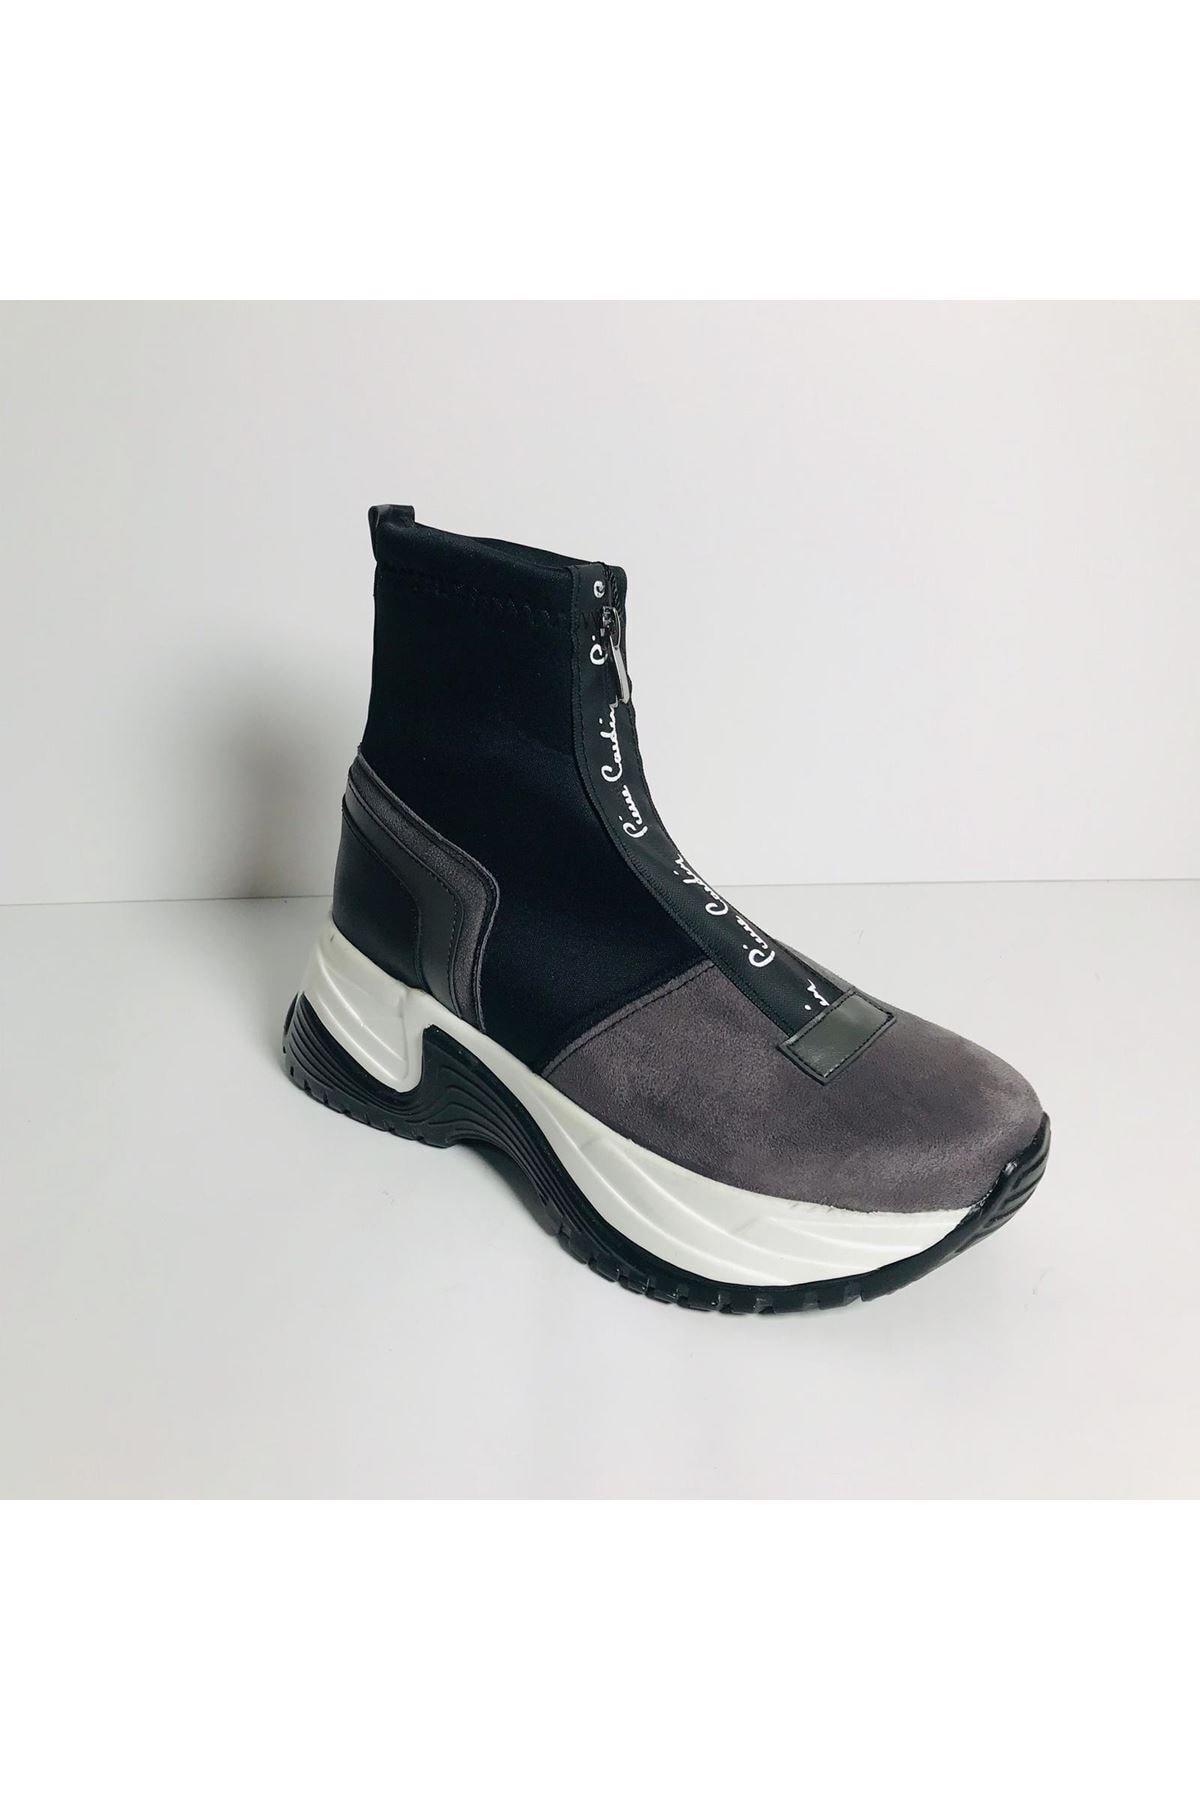 Pierre Cardin Bayan Ayakkabı Pc-30317 1